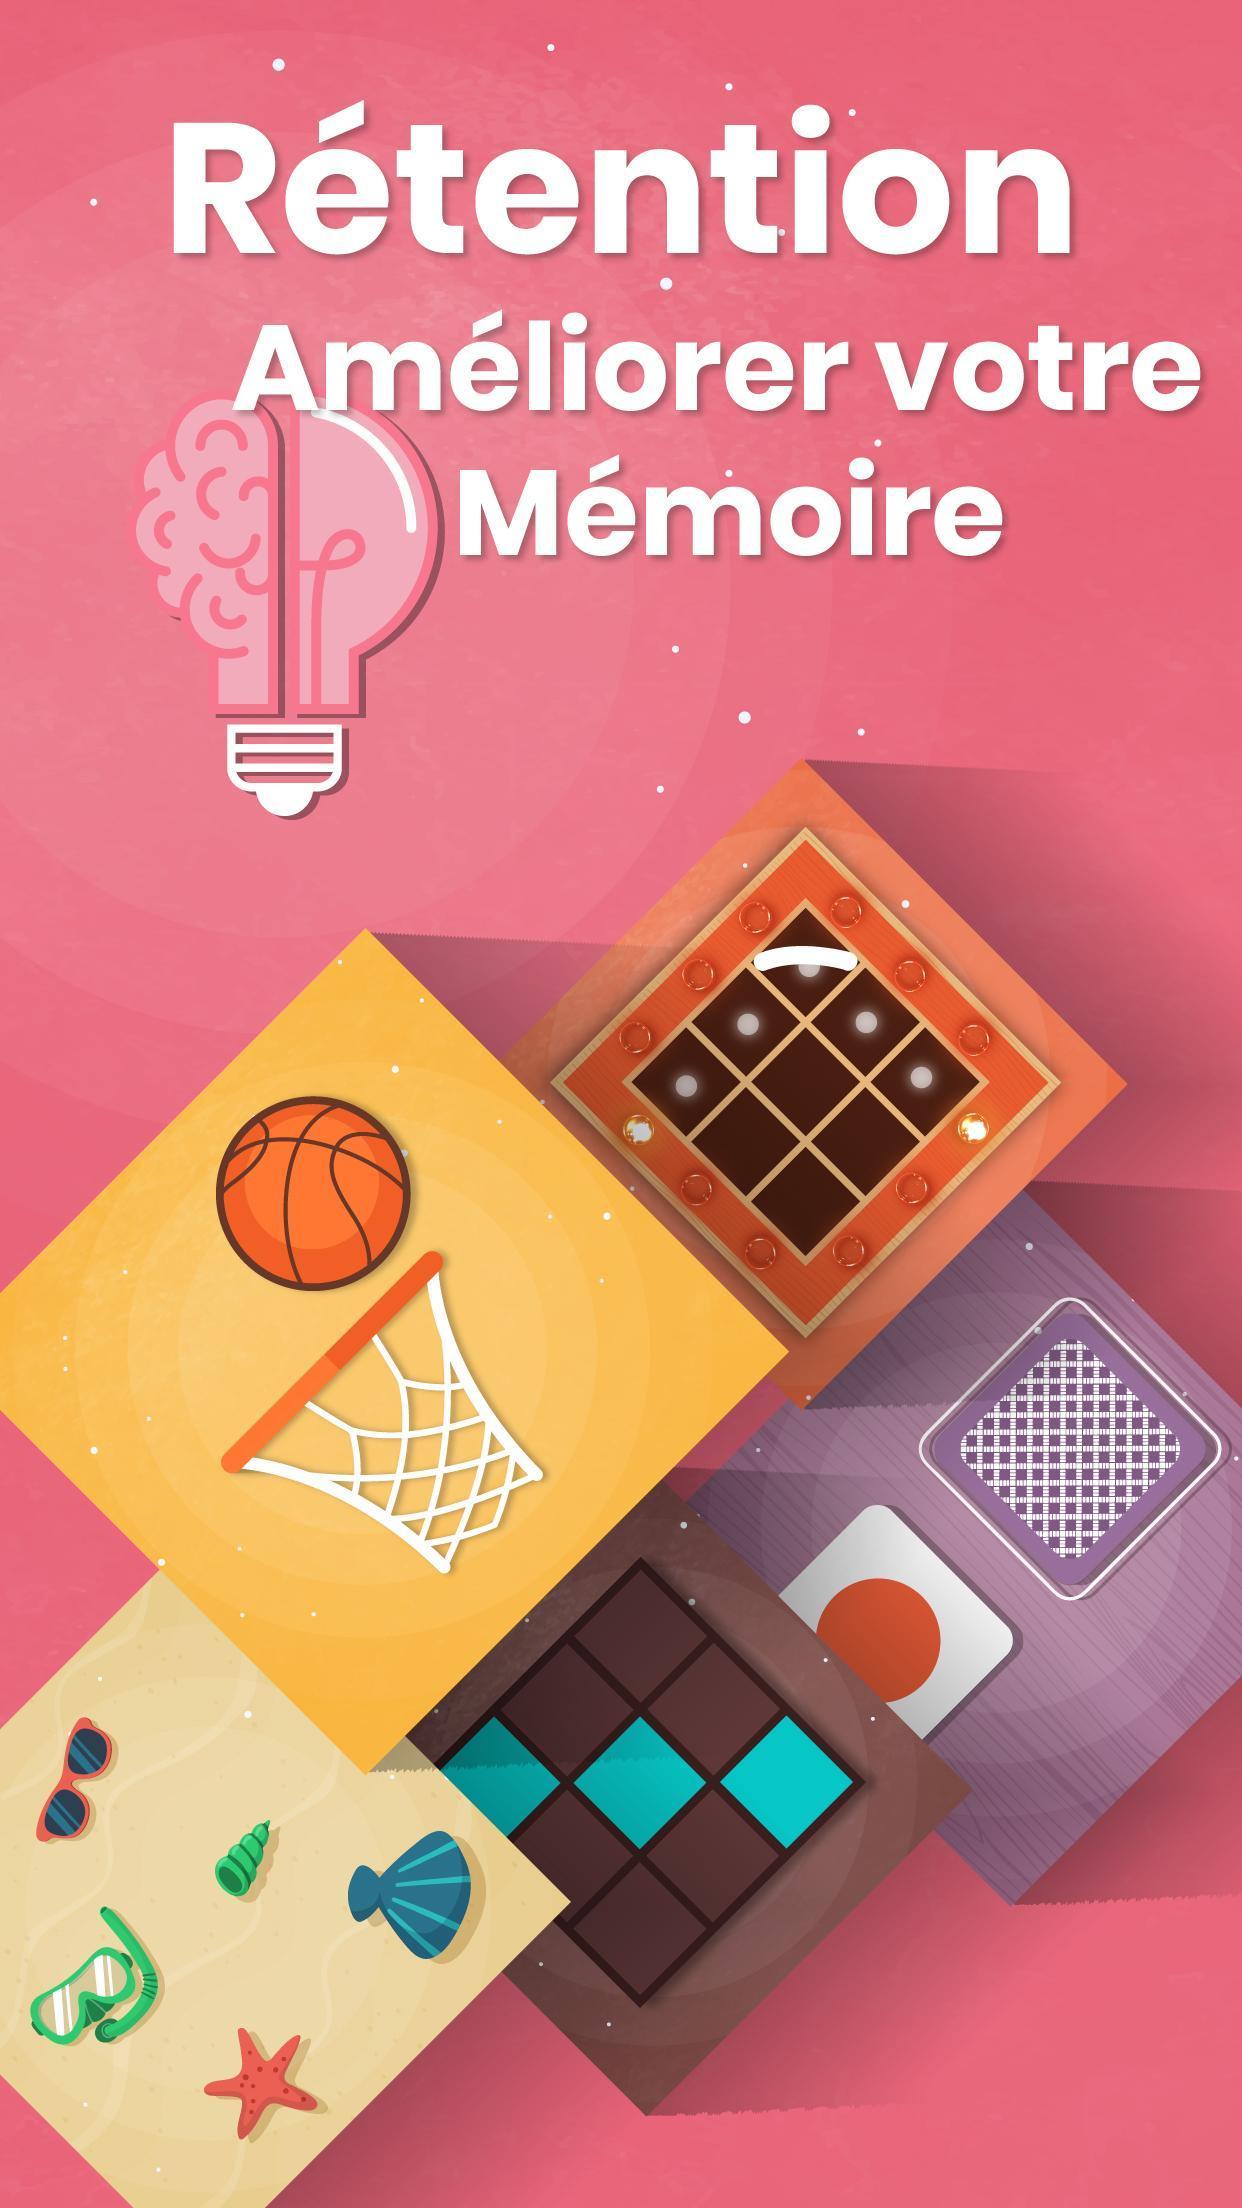 Jeux Cérébral Gratuit Pour Adultes Et Enfants Pour Android avec Jeux De Reflexion Gratuit Pour Adulte